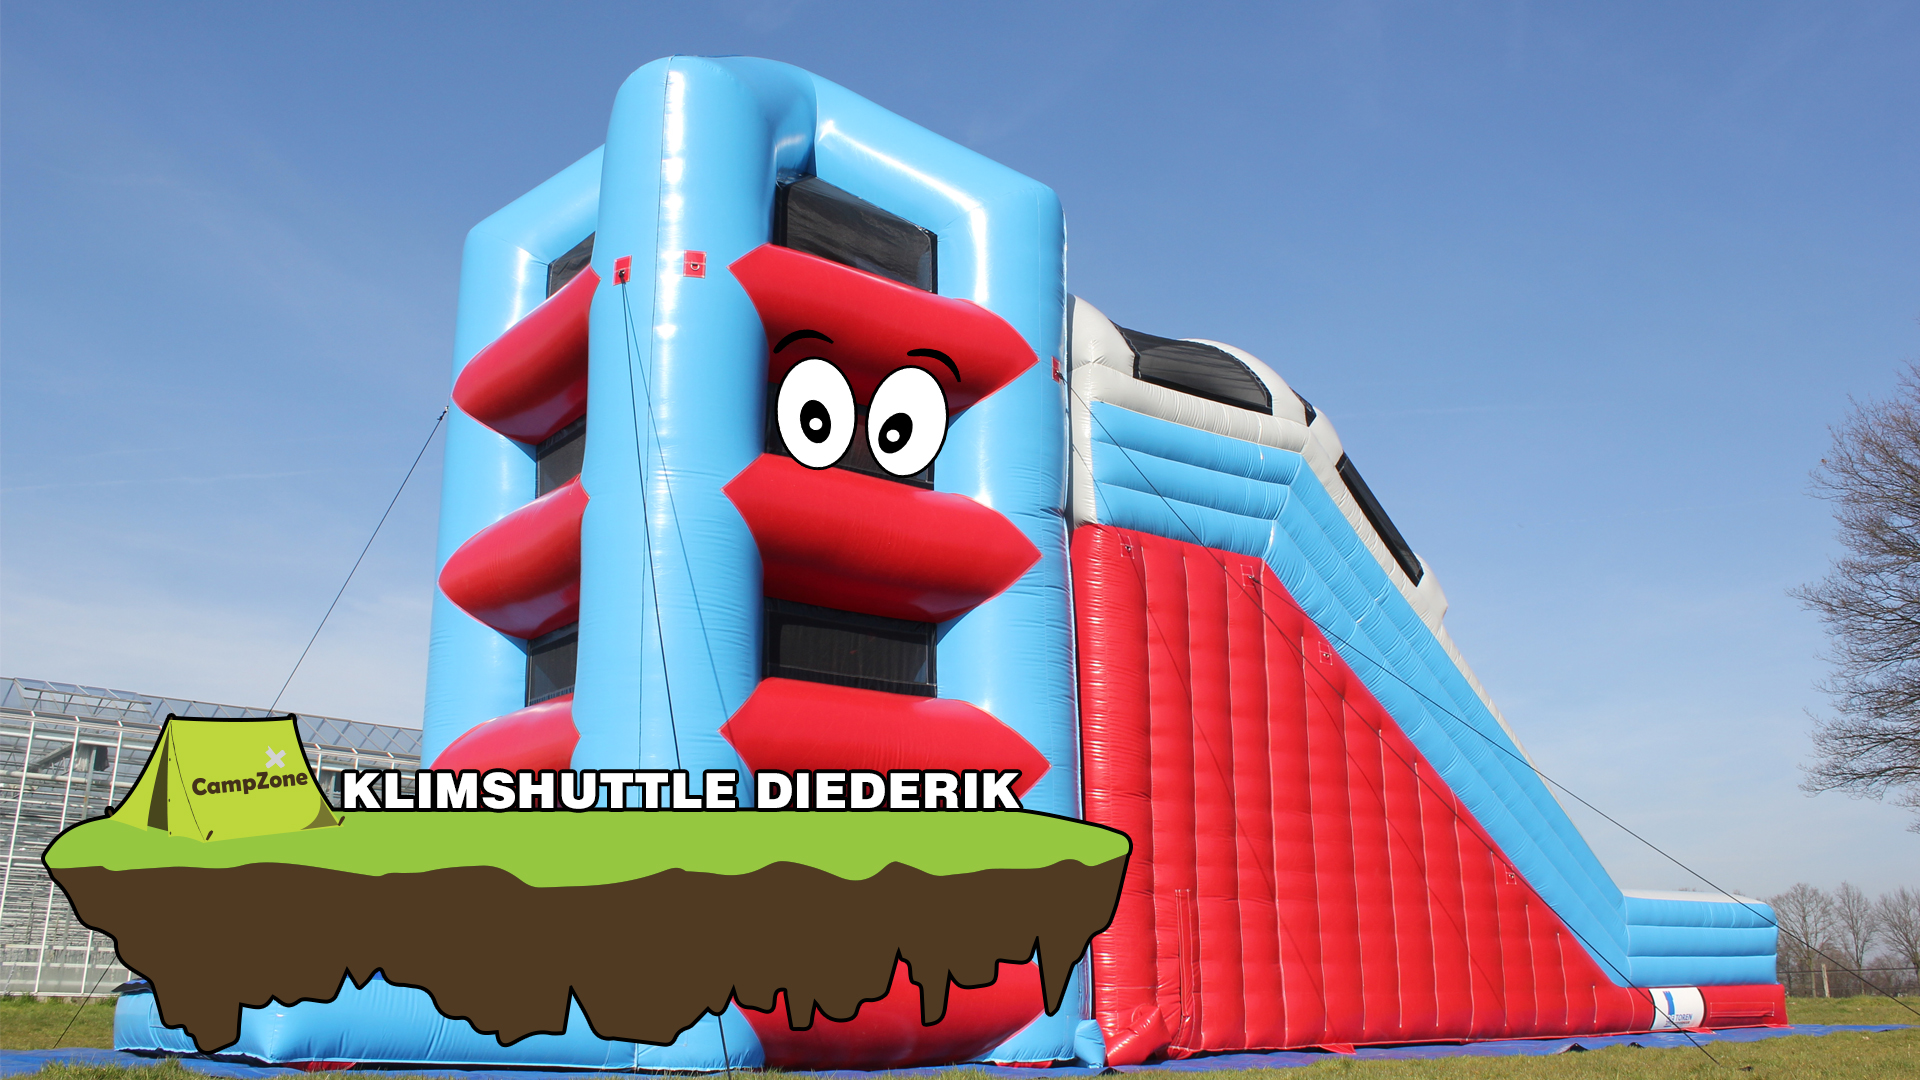 14.00 - Klimshuttle Diederik